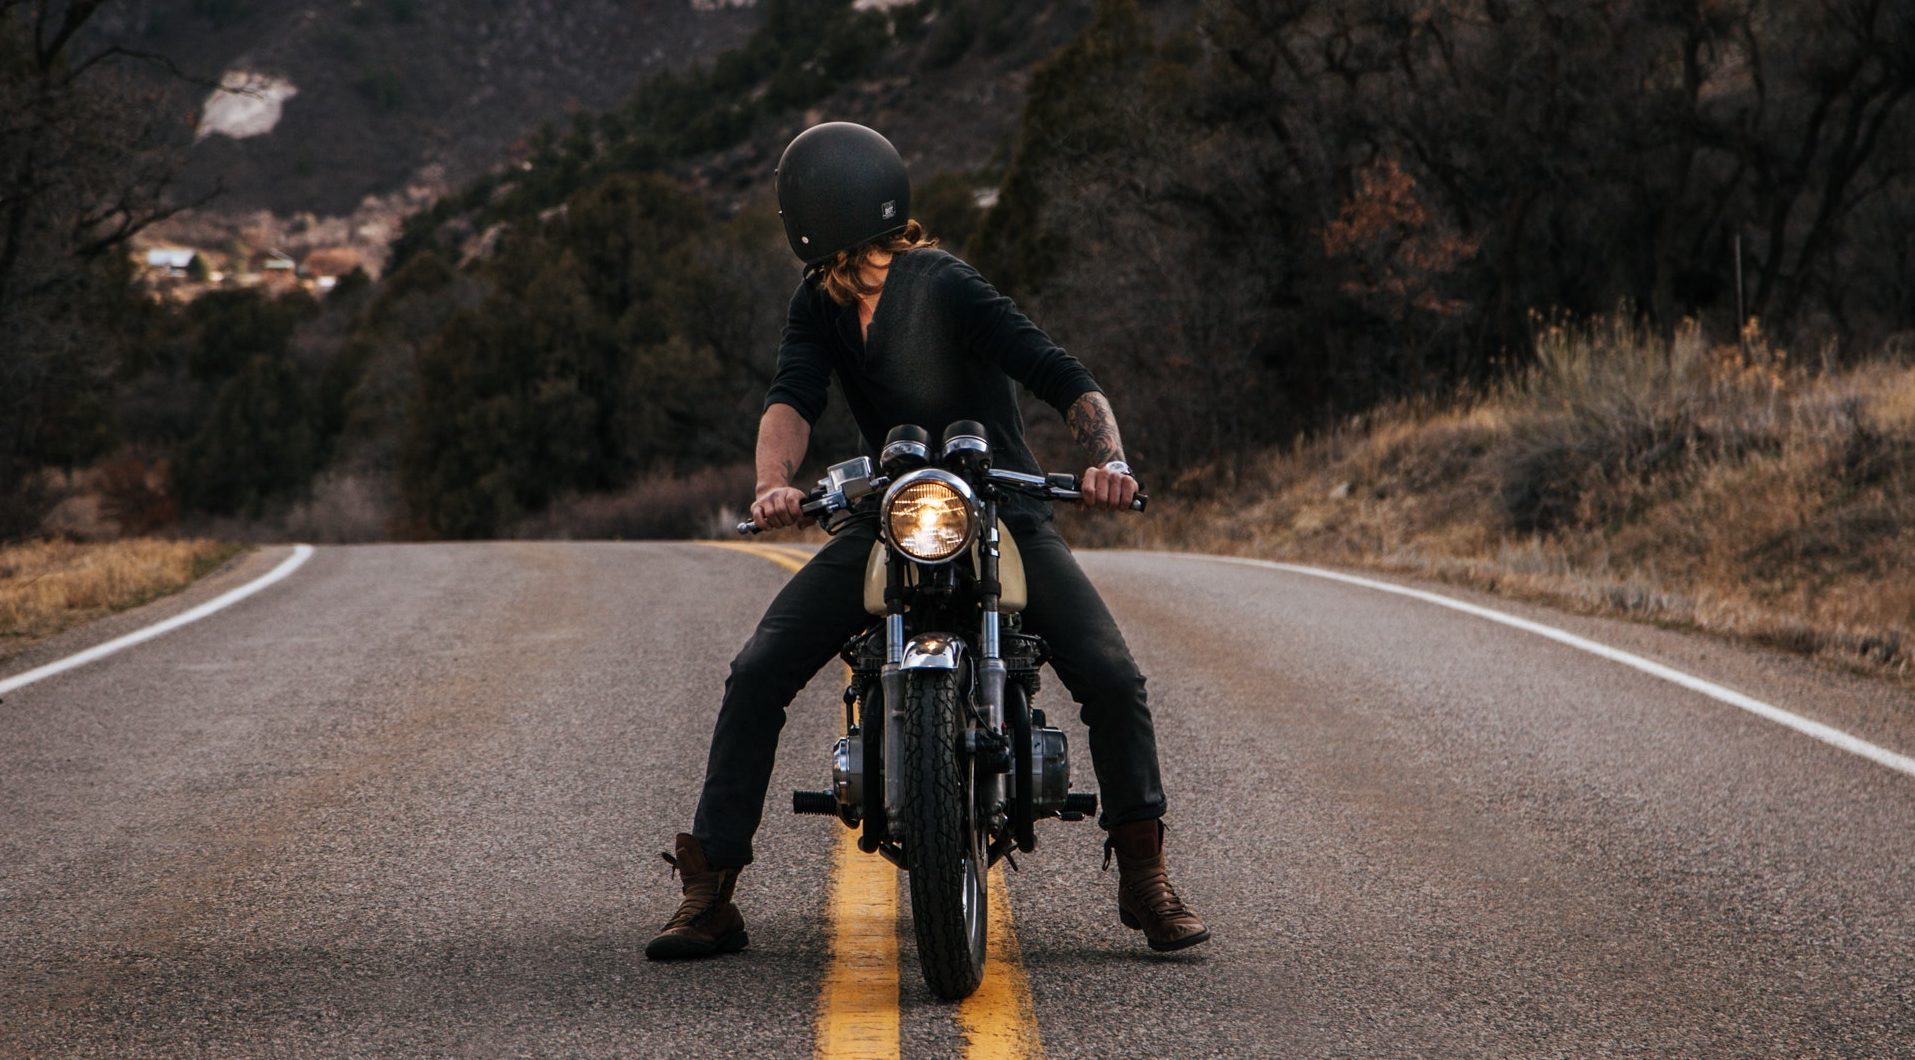 człowiek na motocyklu oglądający się za siebie